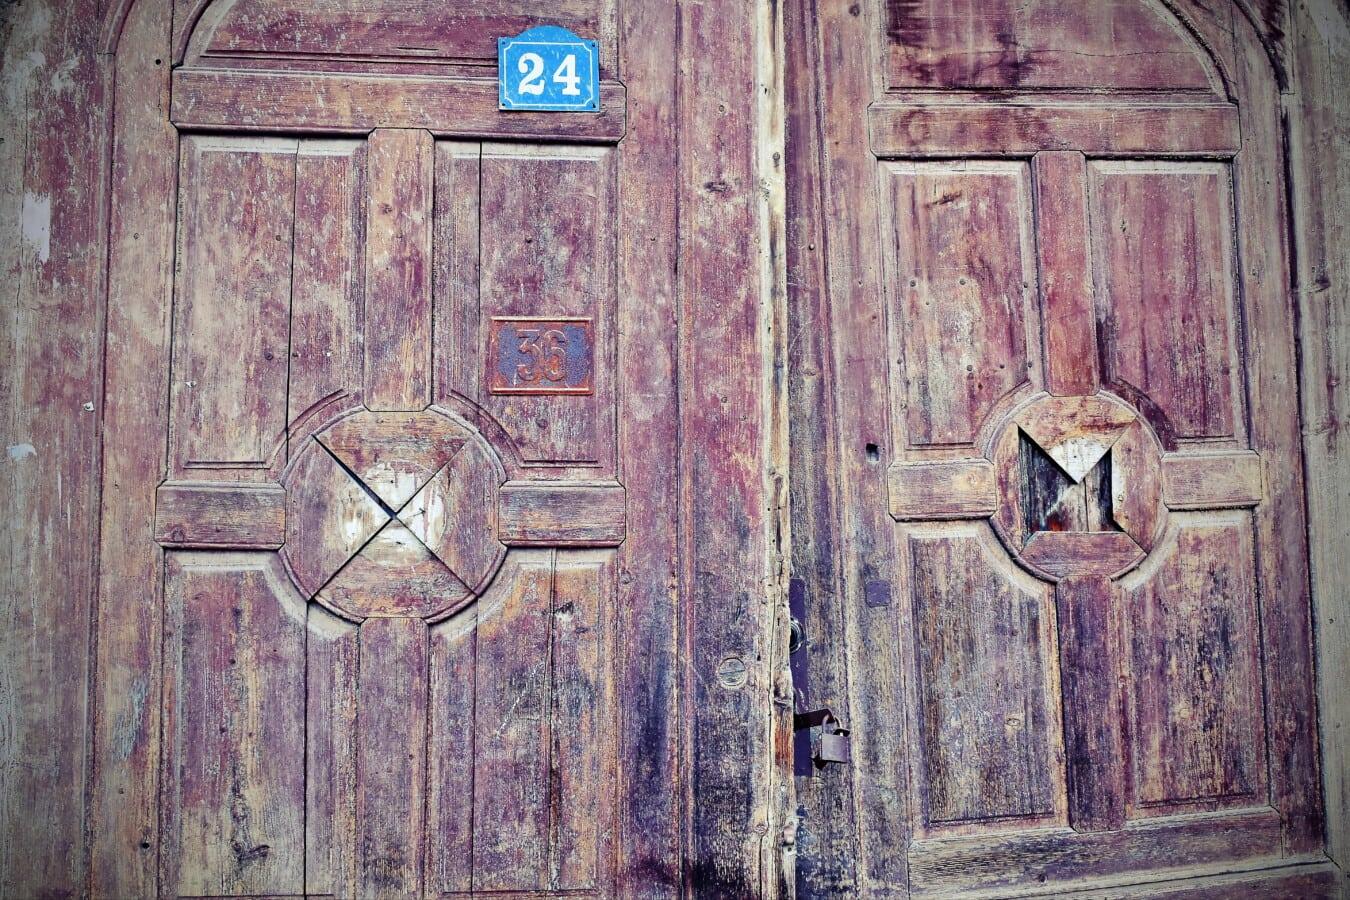 Verfall, aus Holz, Grunge, vor der Tür, Tor, Hartholz, Eiche, Tür, Tür, Retro